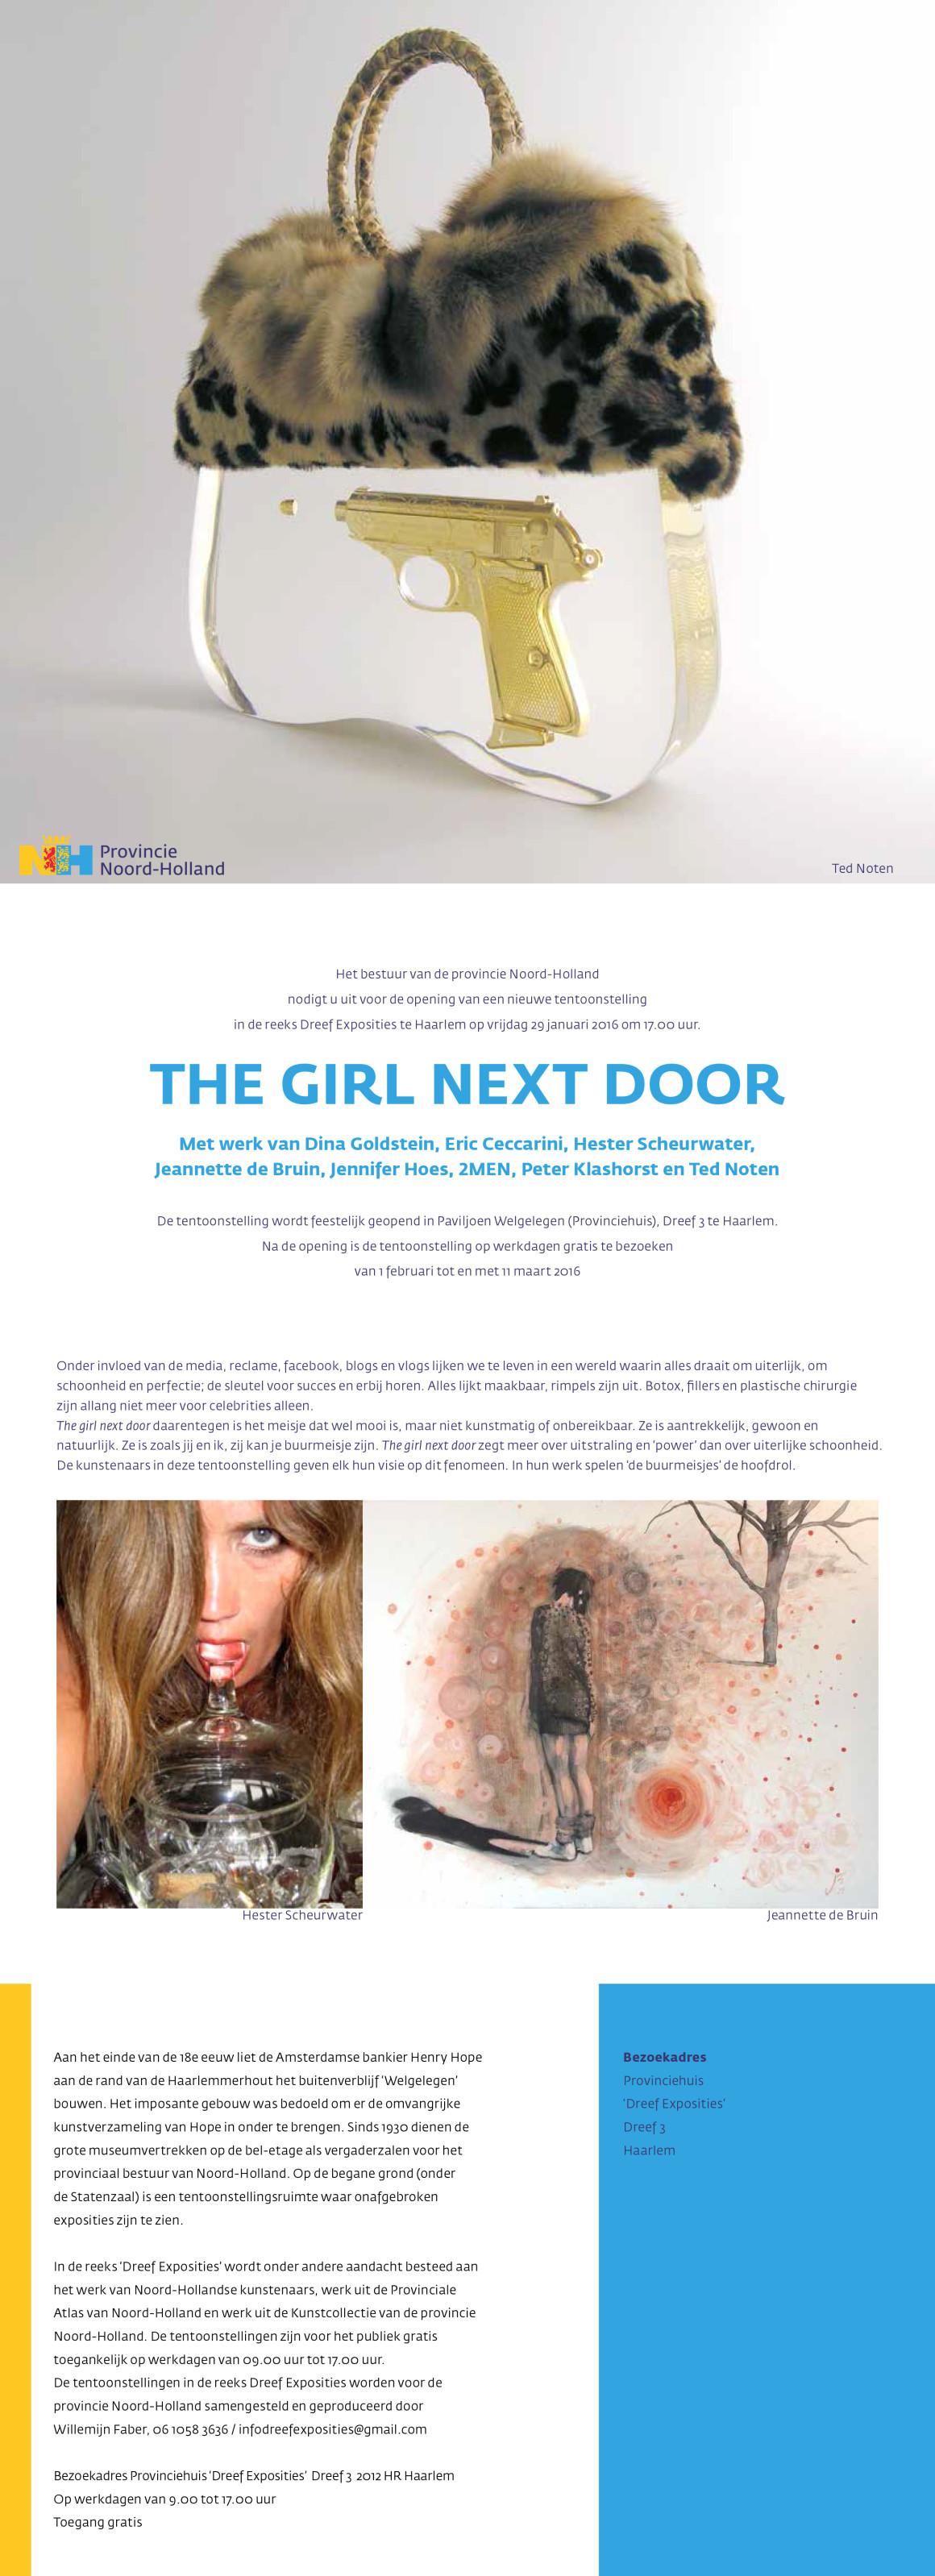 Thegirlnextdoor